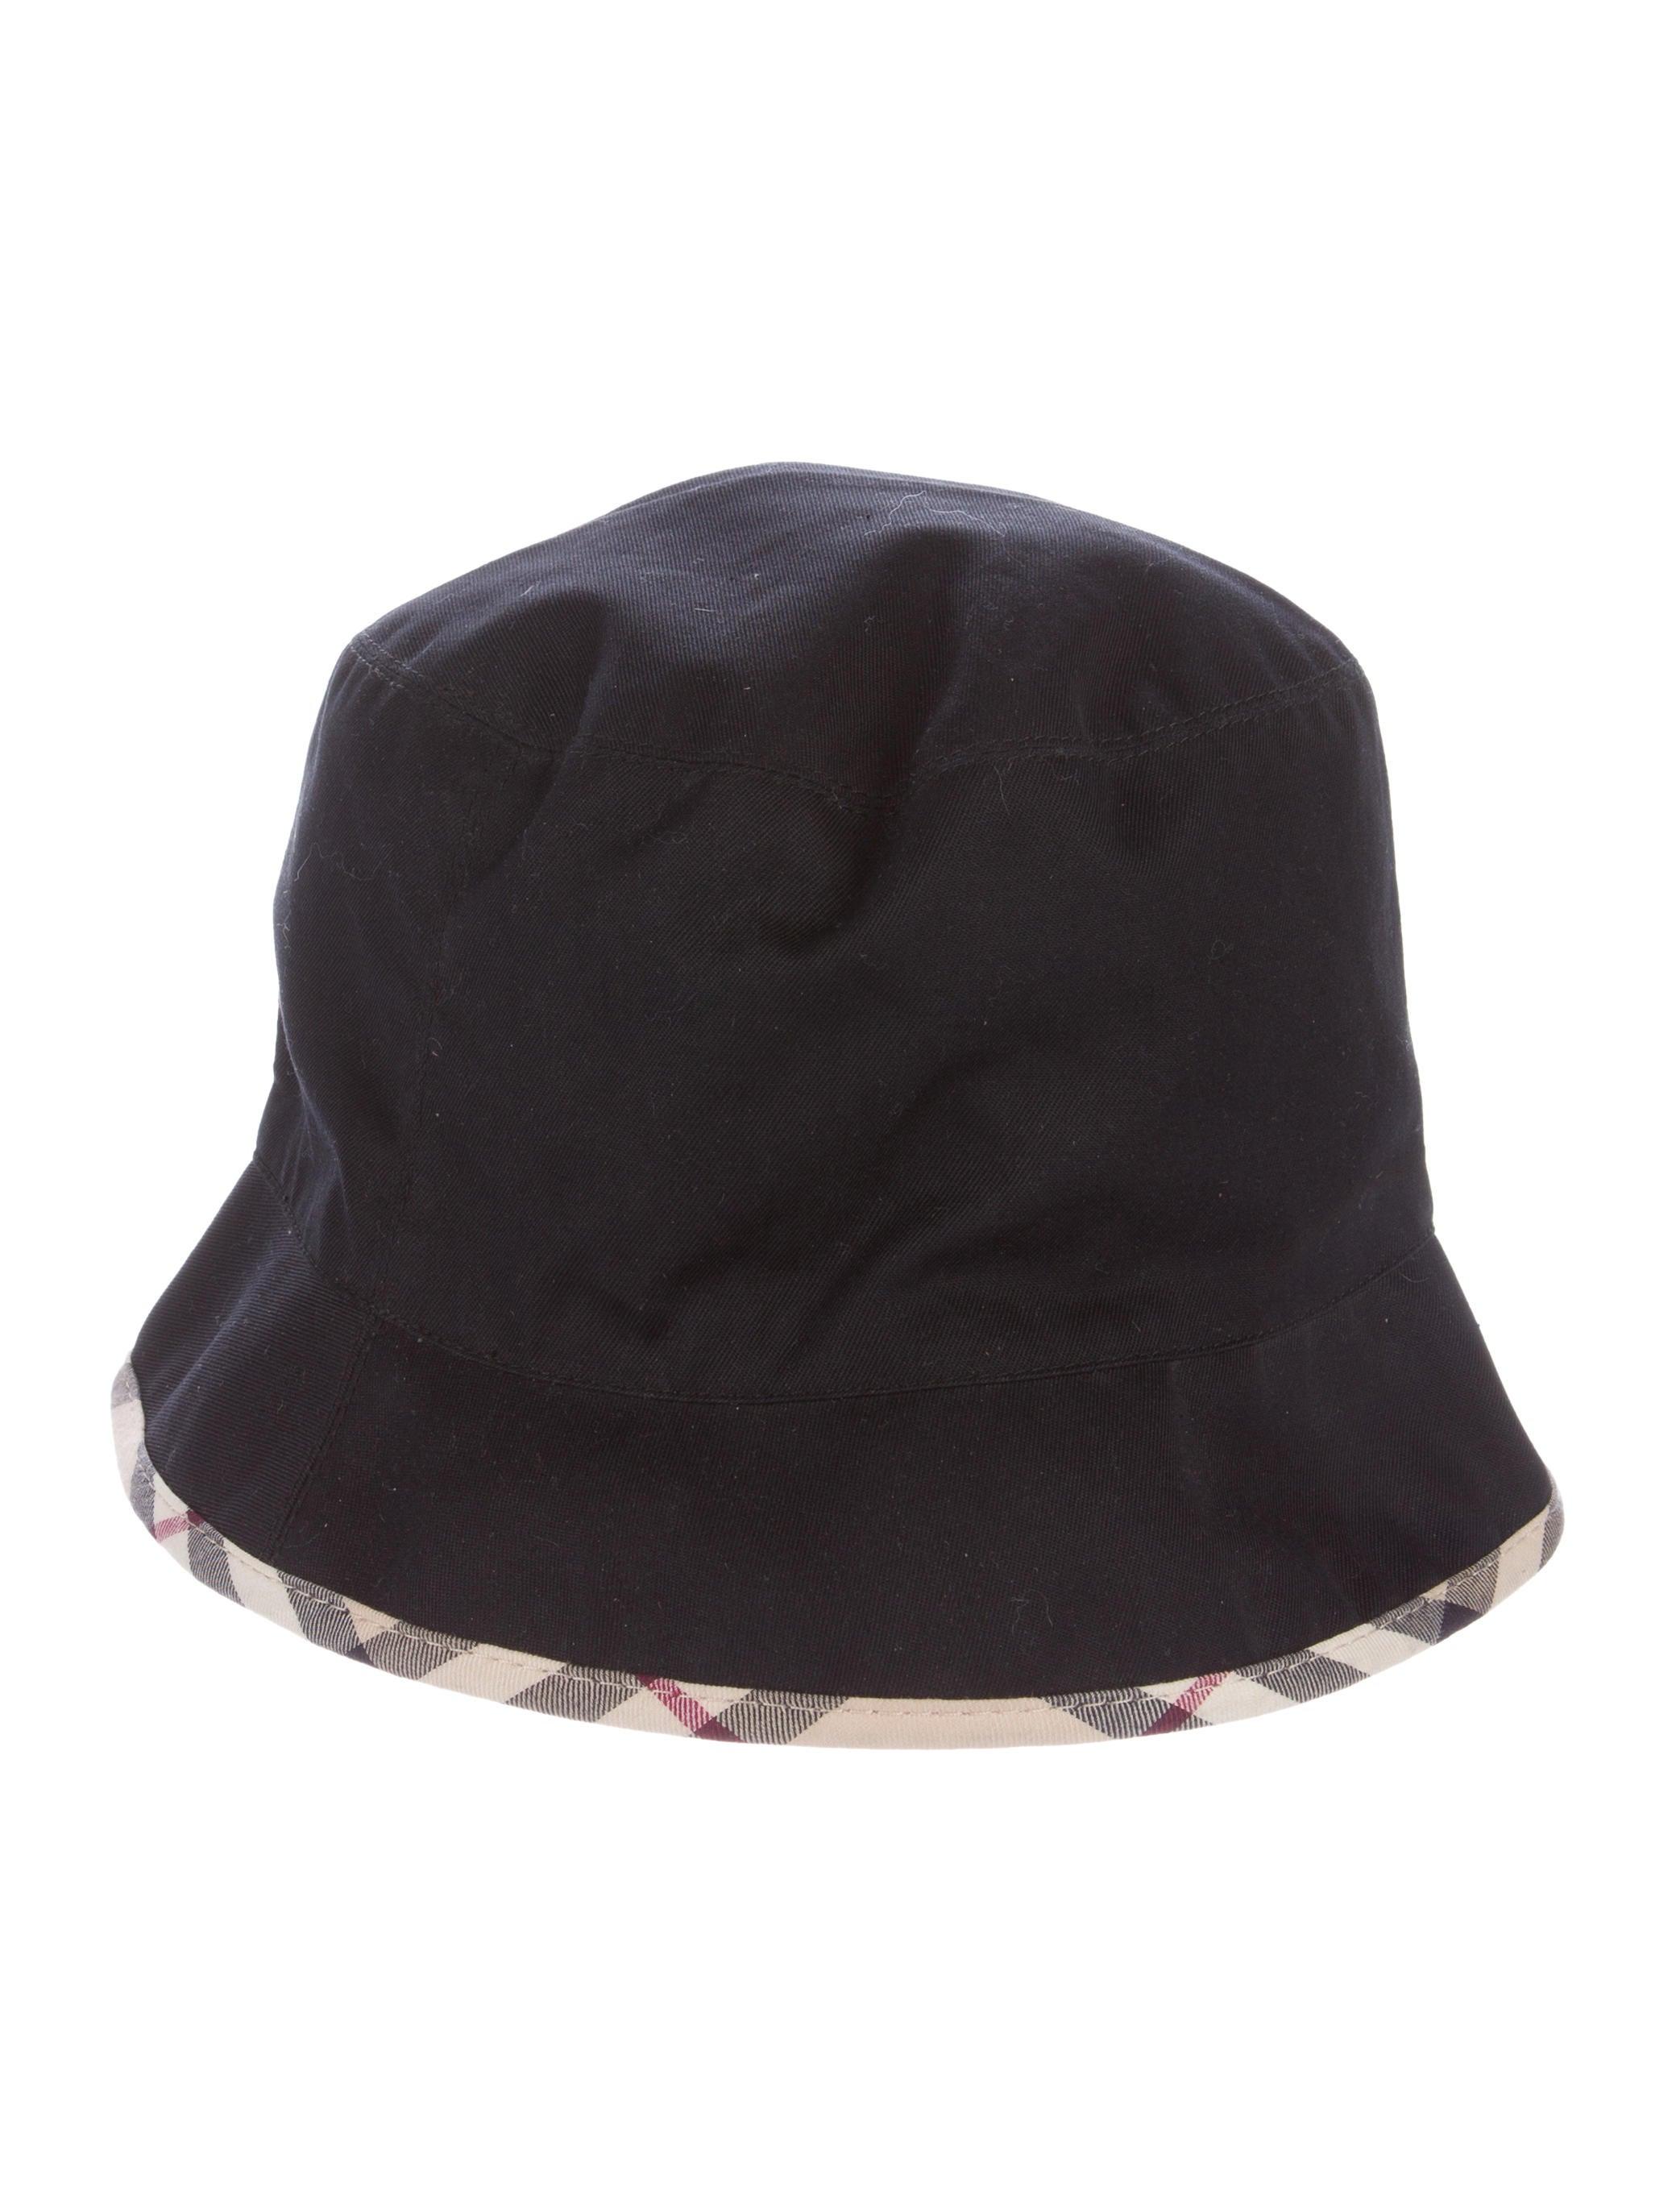 Burberry London Nova Check Bucket Hat - Accessories - WBURL24734 ... ea32794a18a